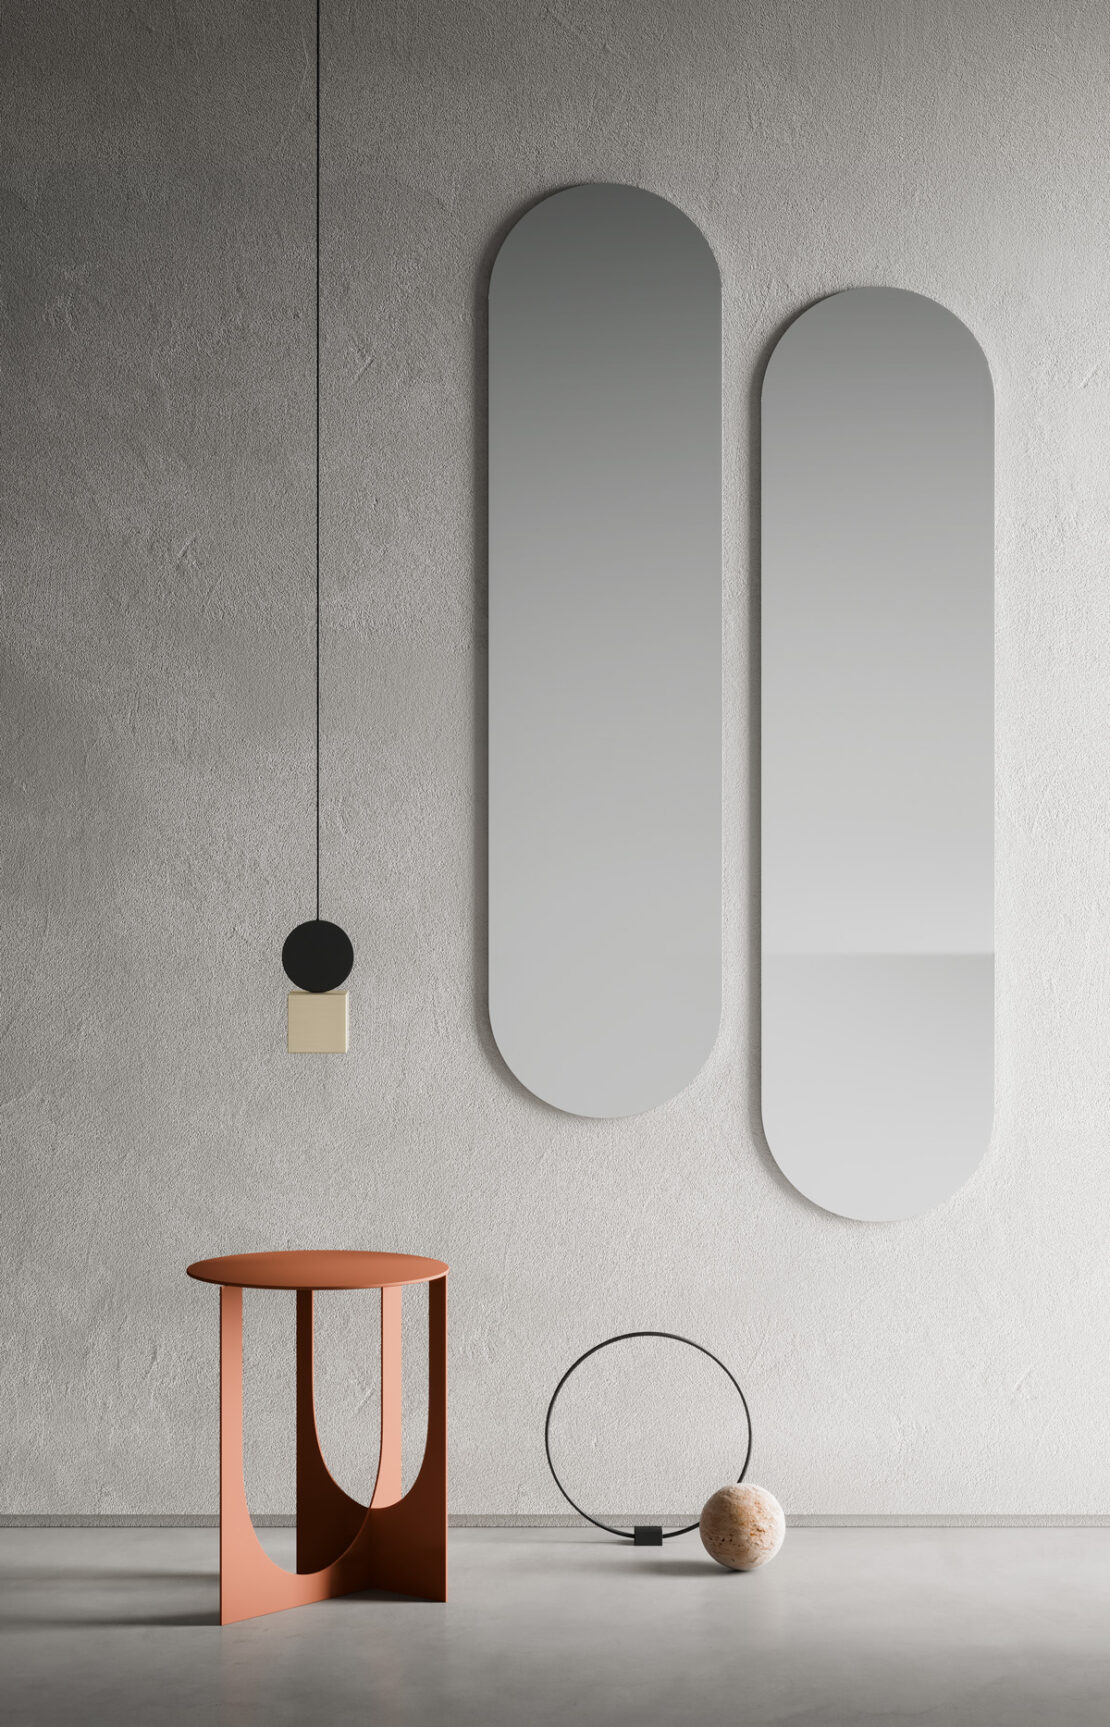 specchi tavolini e pouf di design per arredare casa